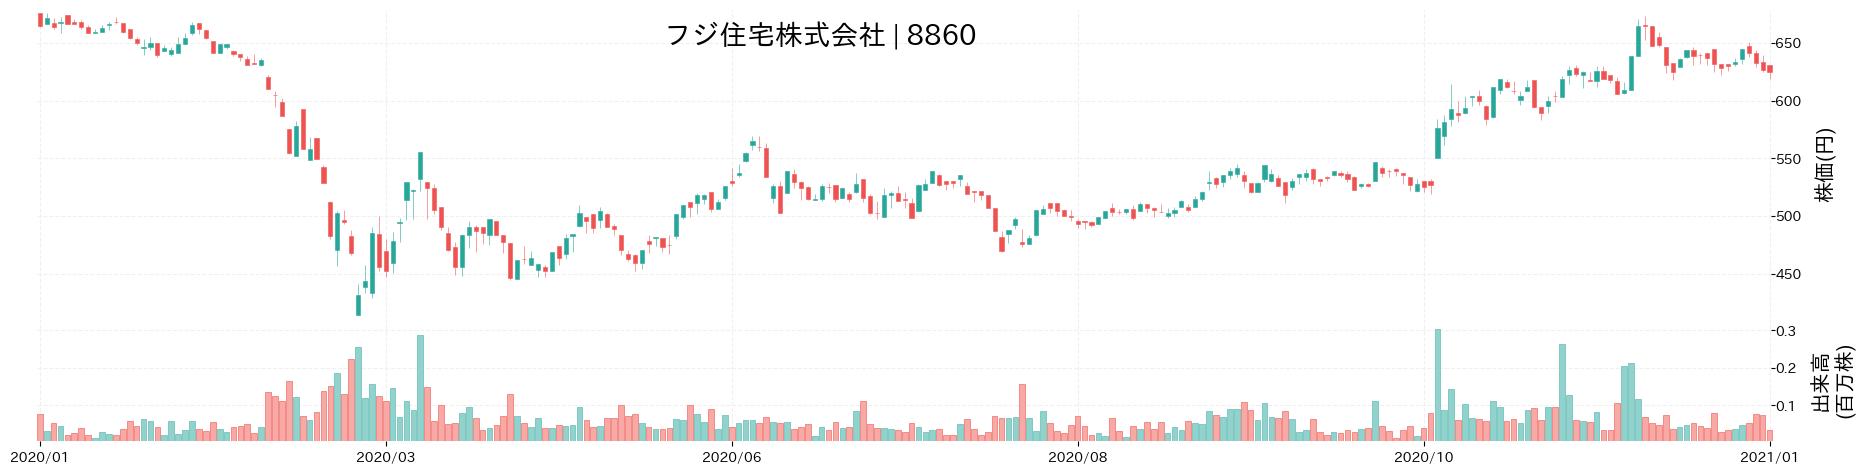 フジ住宅株式会社の株価推移(2020)